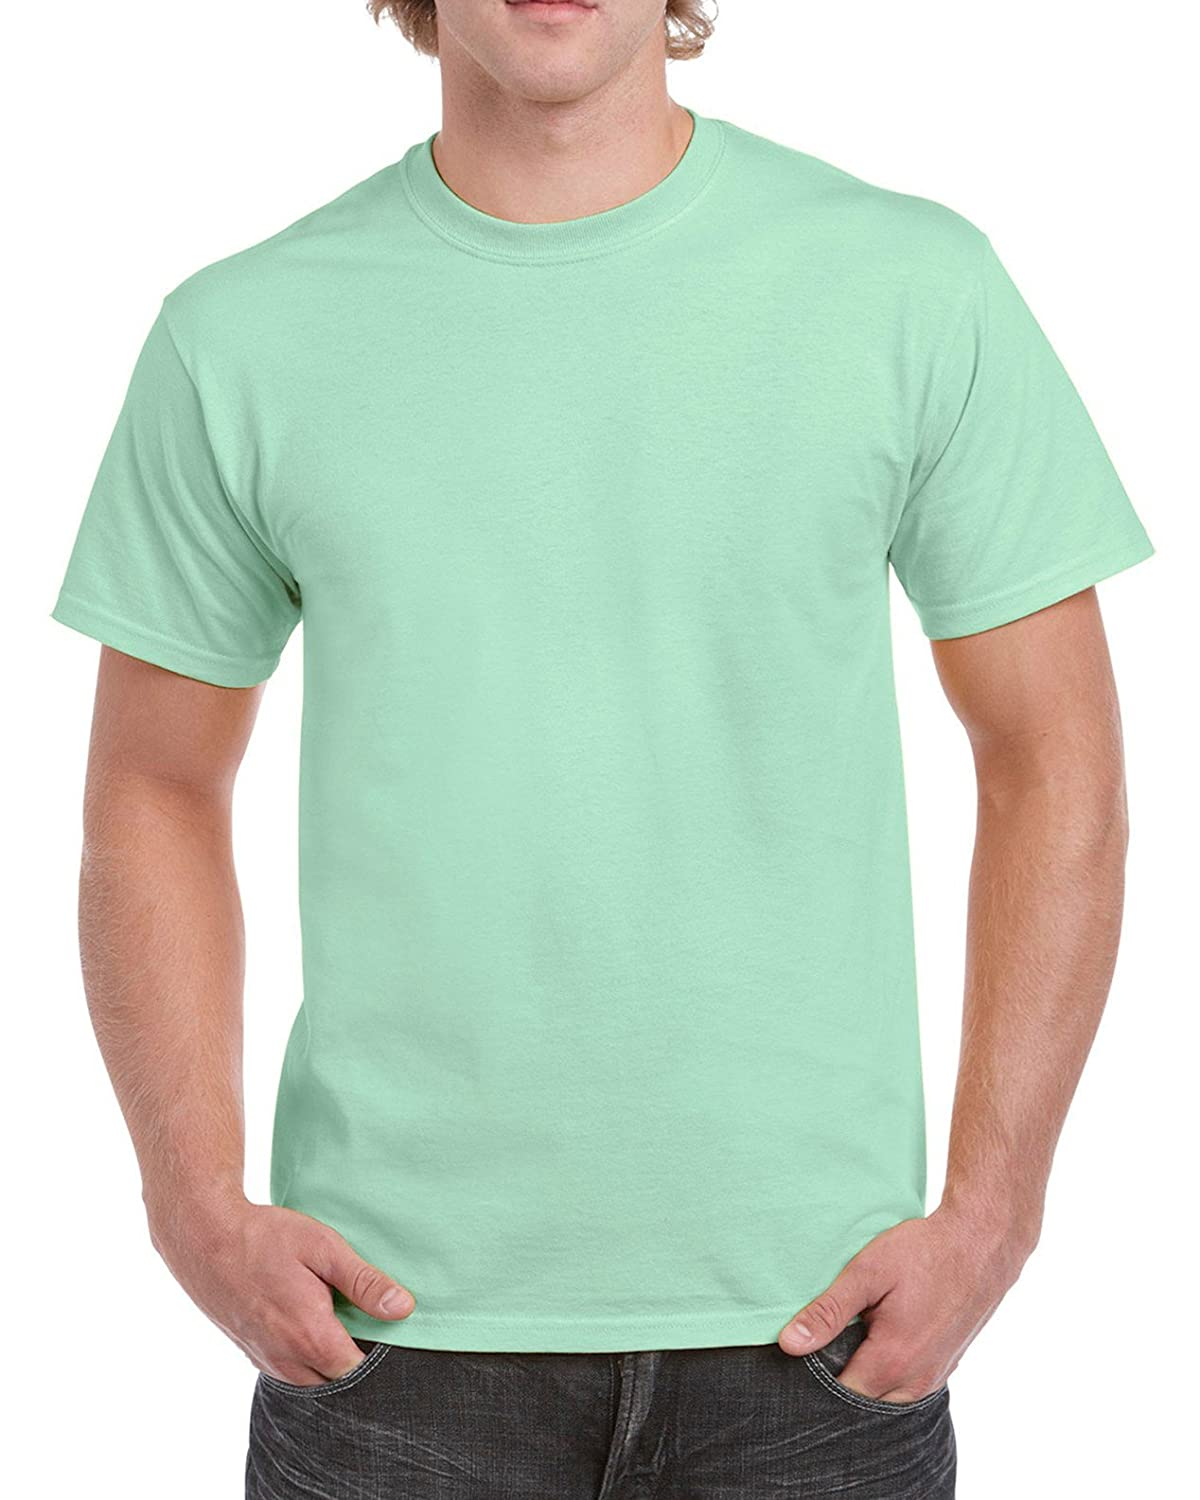 (ギルダン) Gildan メンズ ウルトラコットン クルーネック 半袖Tシャツ トップス 半袖カットソー 定番アイテム 男性用 B01LXRYSKW XX-Large|ミントグリーン ミントグリーン XX-Large